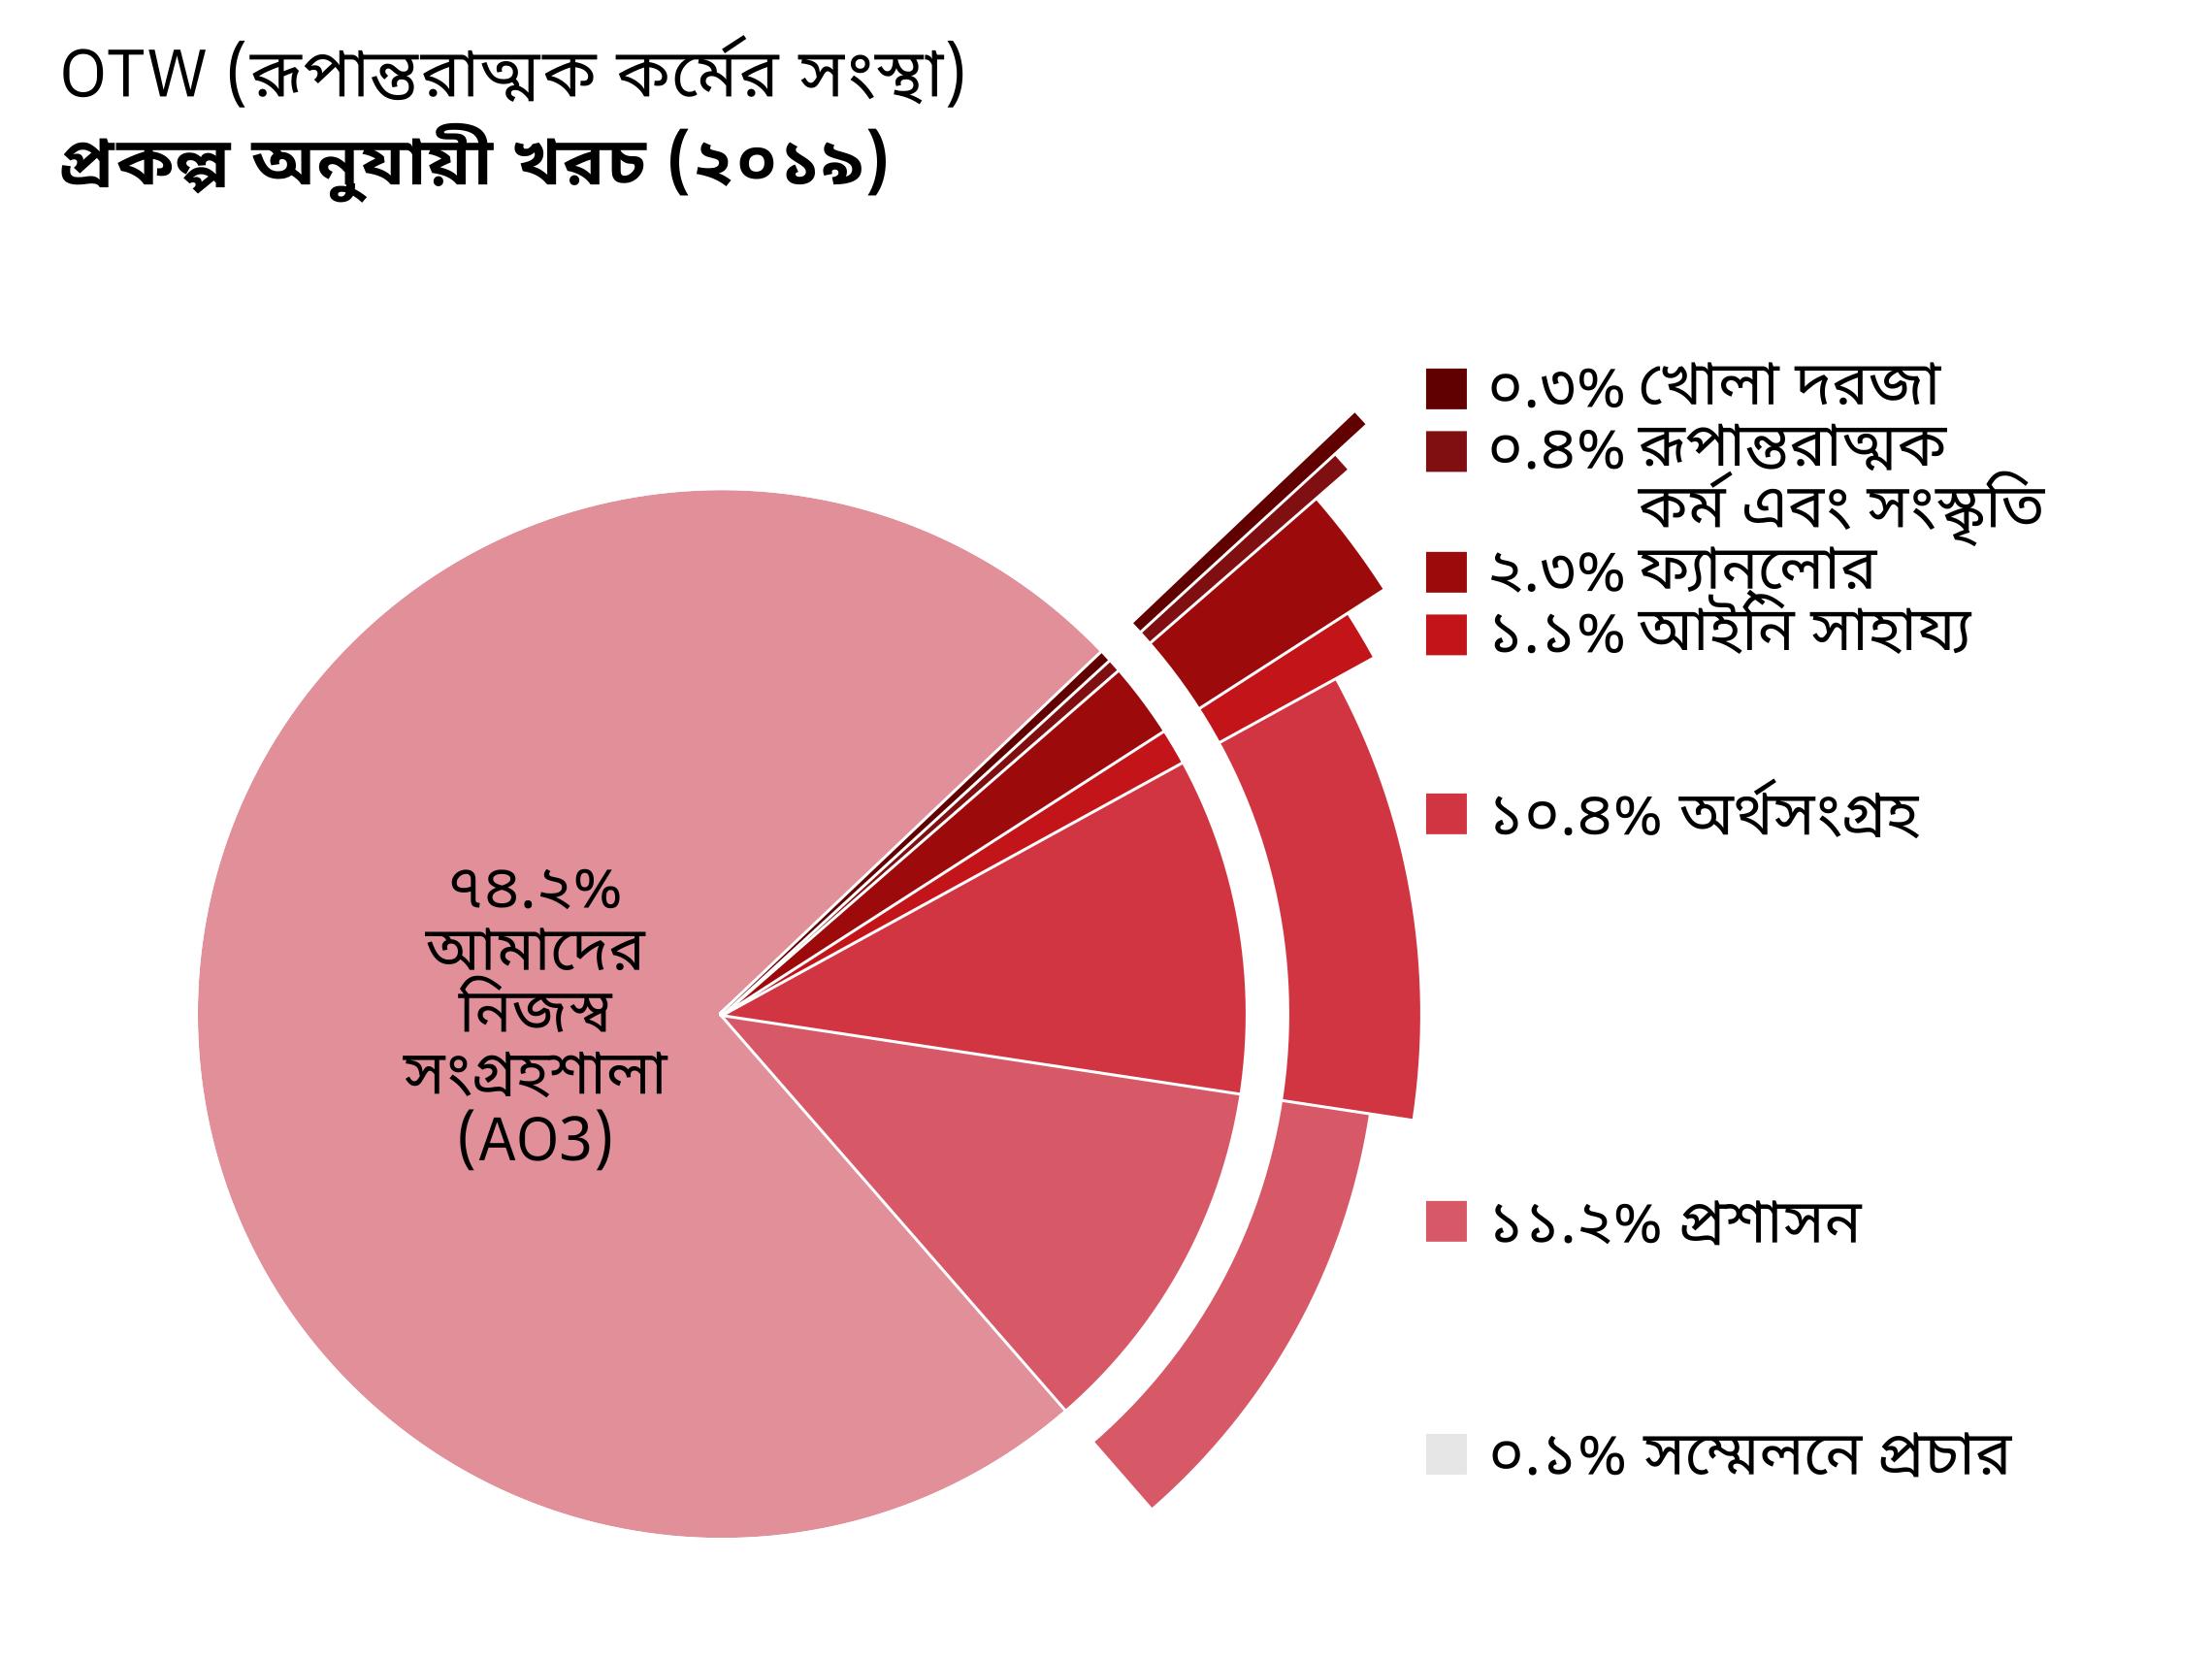 প্রকল্প অনুযায়ী খরচ: Archive of Our Own- AO3(আমাদের নিজস্ব সংগ্রহশালা): ৭৪.২%। Open Doors(খোলা দরজা): ০.৩%। Transformative Works and Cultures- TWC(রূপান্তরাত্মক কর্ম ও সংস্কৃতি): ০.৪%। Fanlore(ফ্যান্লোর): ২.৩%। Legal Advocacy(আইনি সাহায্য): ১.১%।  Con Outreach(সম্মেলনে প্রচার): ০.১%। Admin(প্রশাসন): ১১.২%। Fundraising(অর্থসংগ্রহ): ১০.৪%।